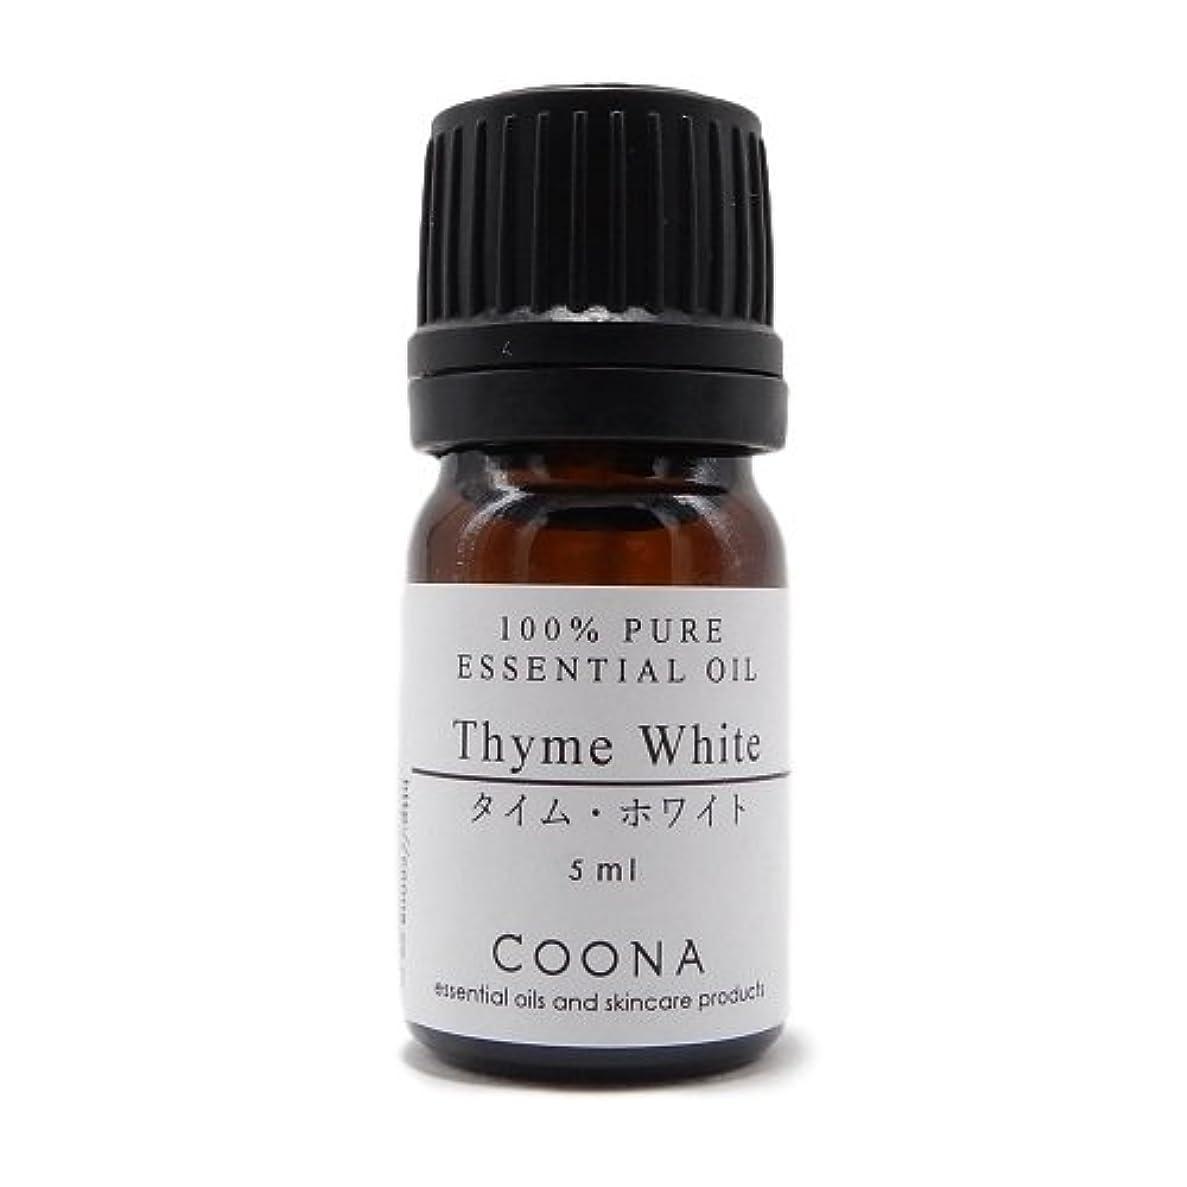 反対にかわすプレゼントタイム ホワイト 5 ml (COONA エッセンシャルオイル アロマオイル 100%天然植物精油)